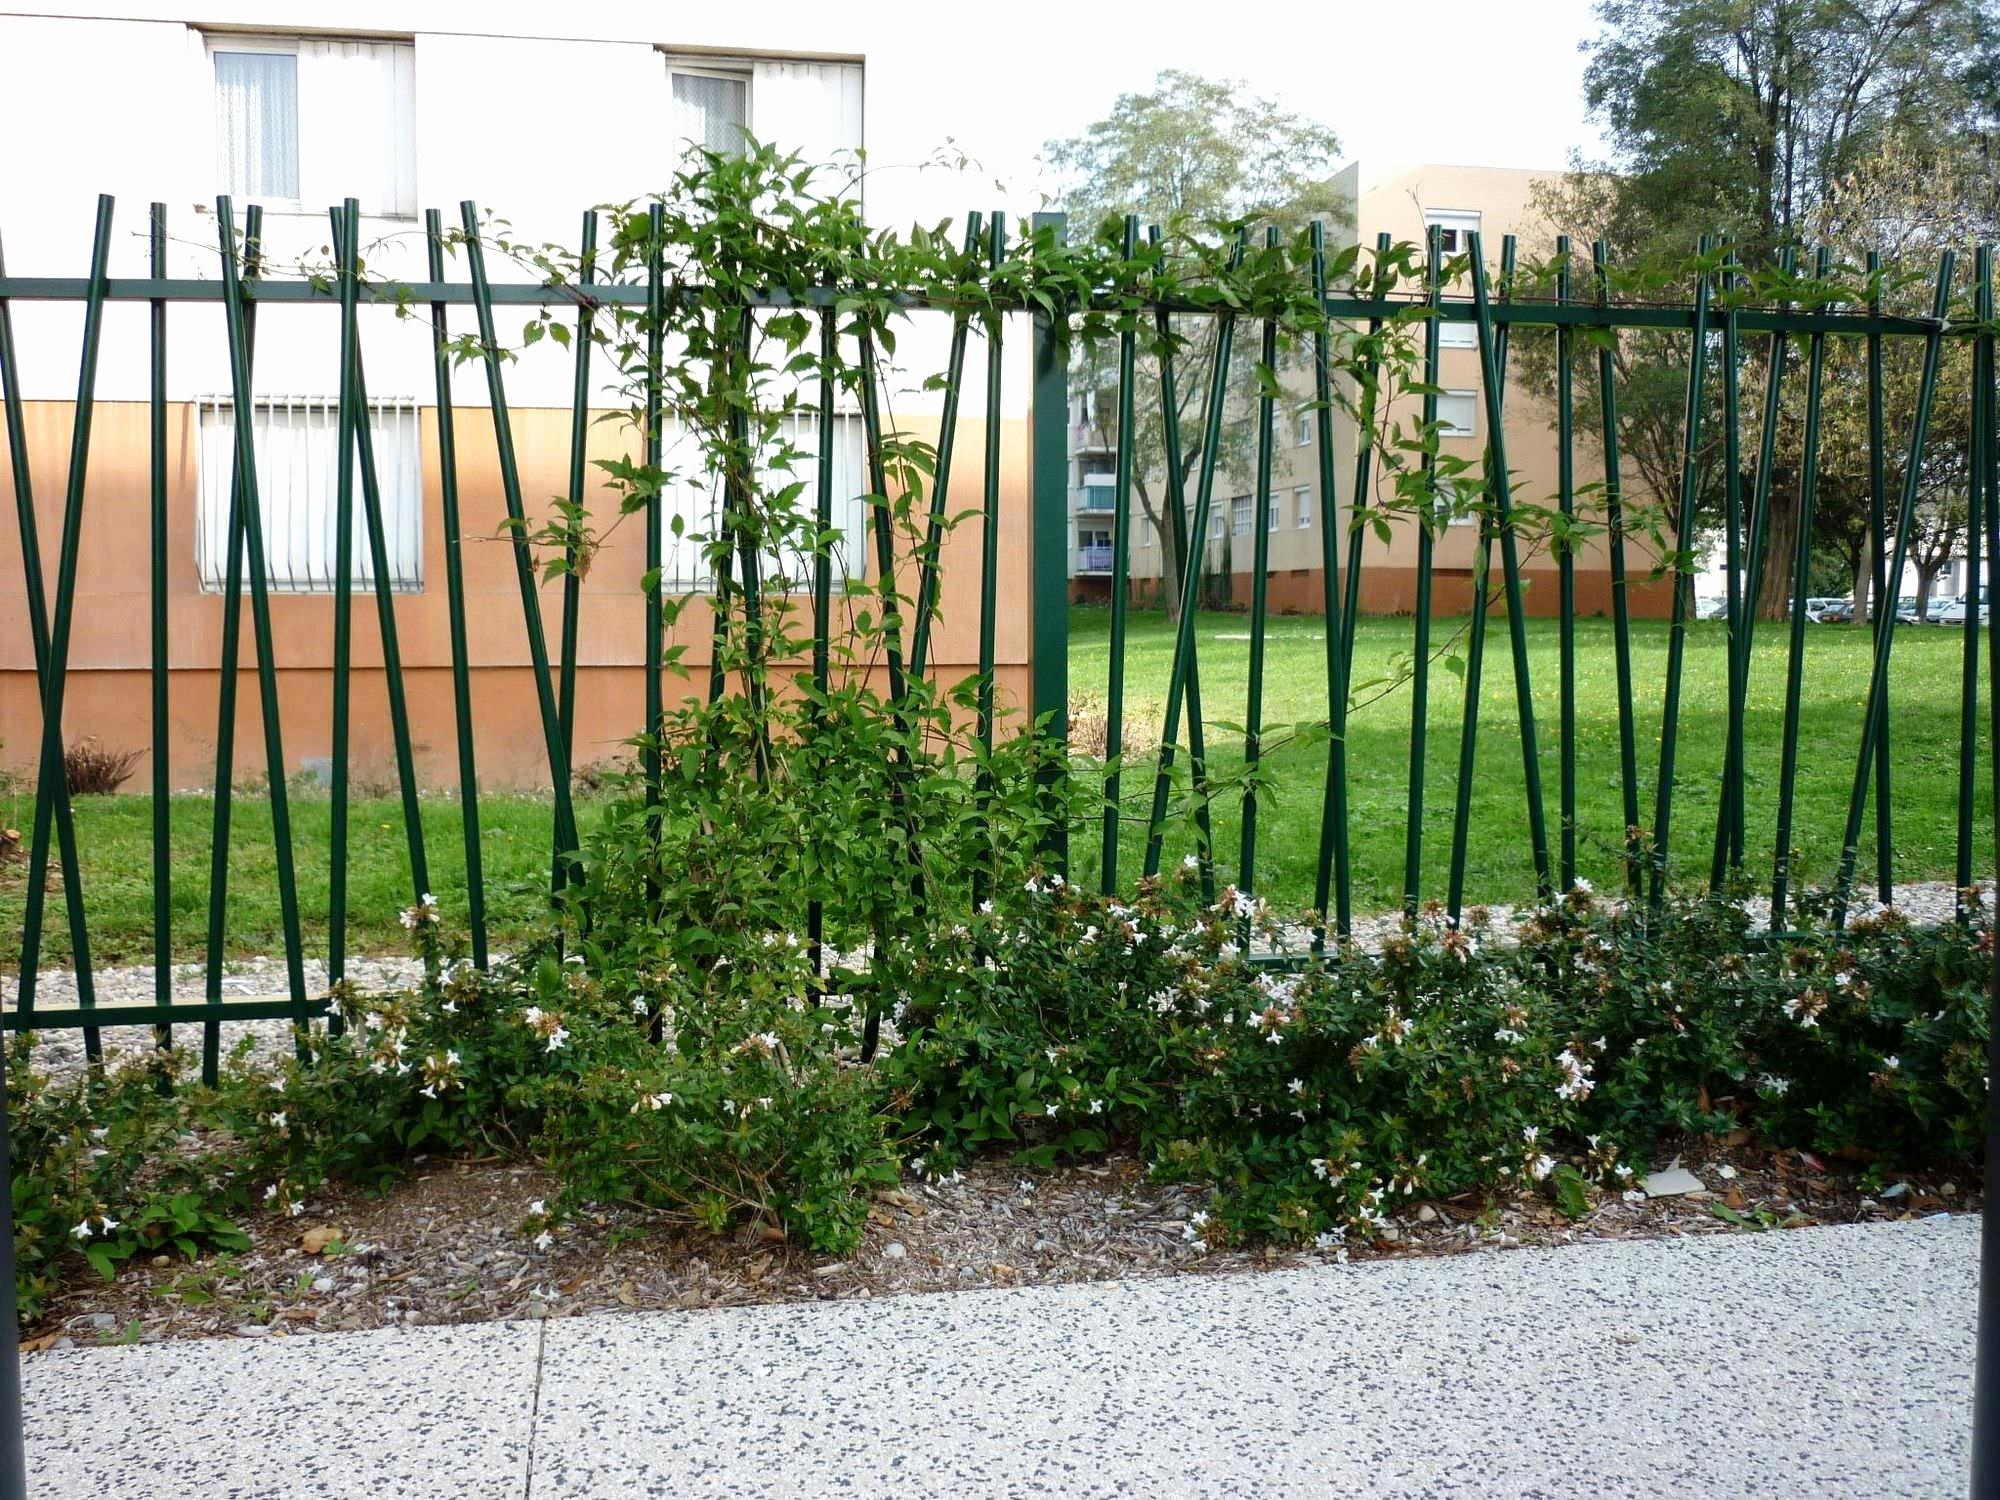 Cabanon Jardin Castorama Luxe Collection Cabanon De Jardin Castorama De Meilleur Cabane De Jardin originale